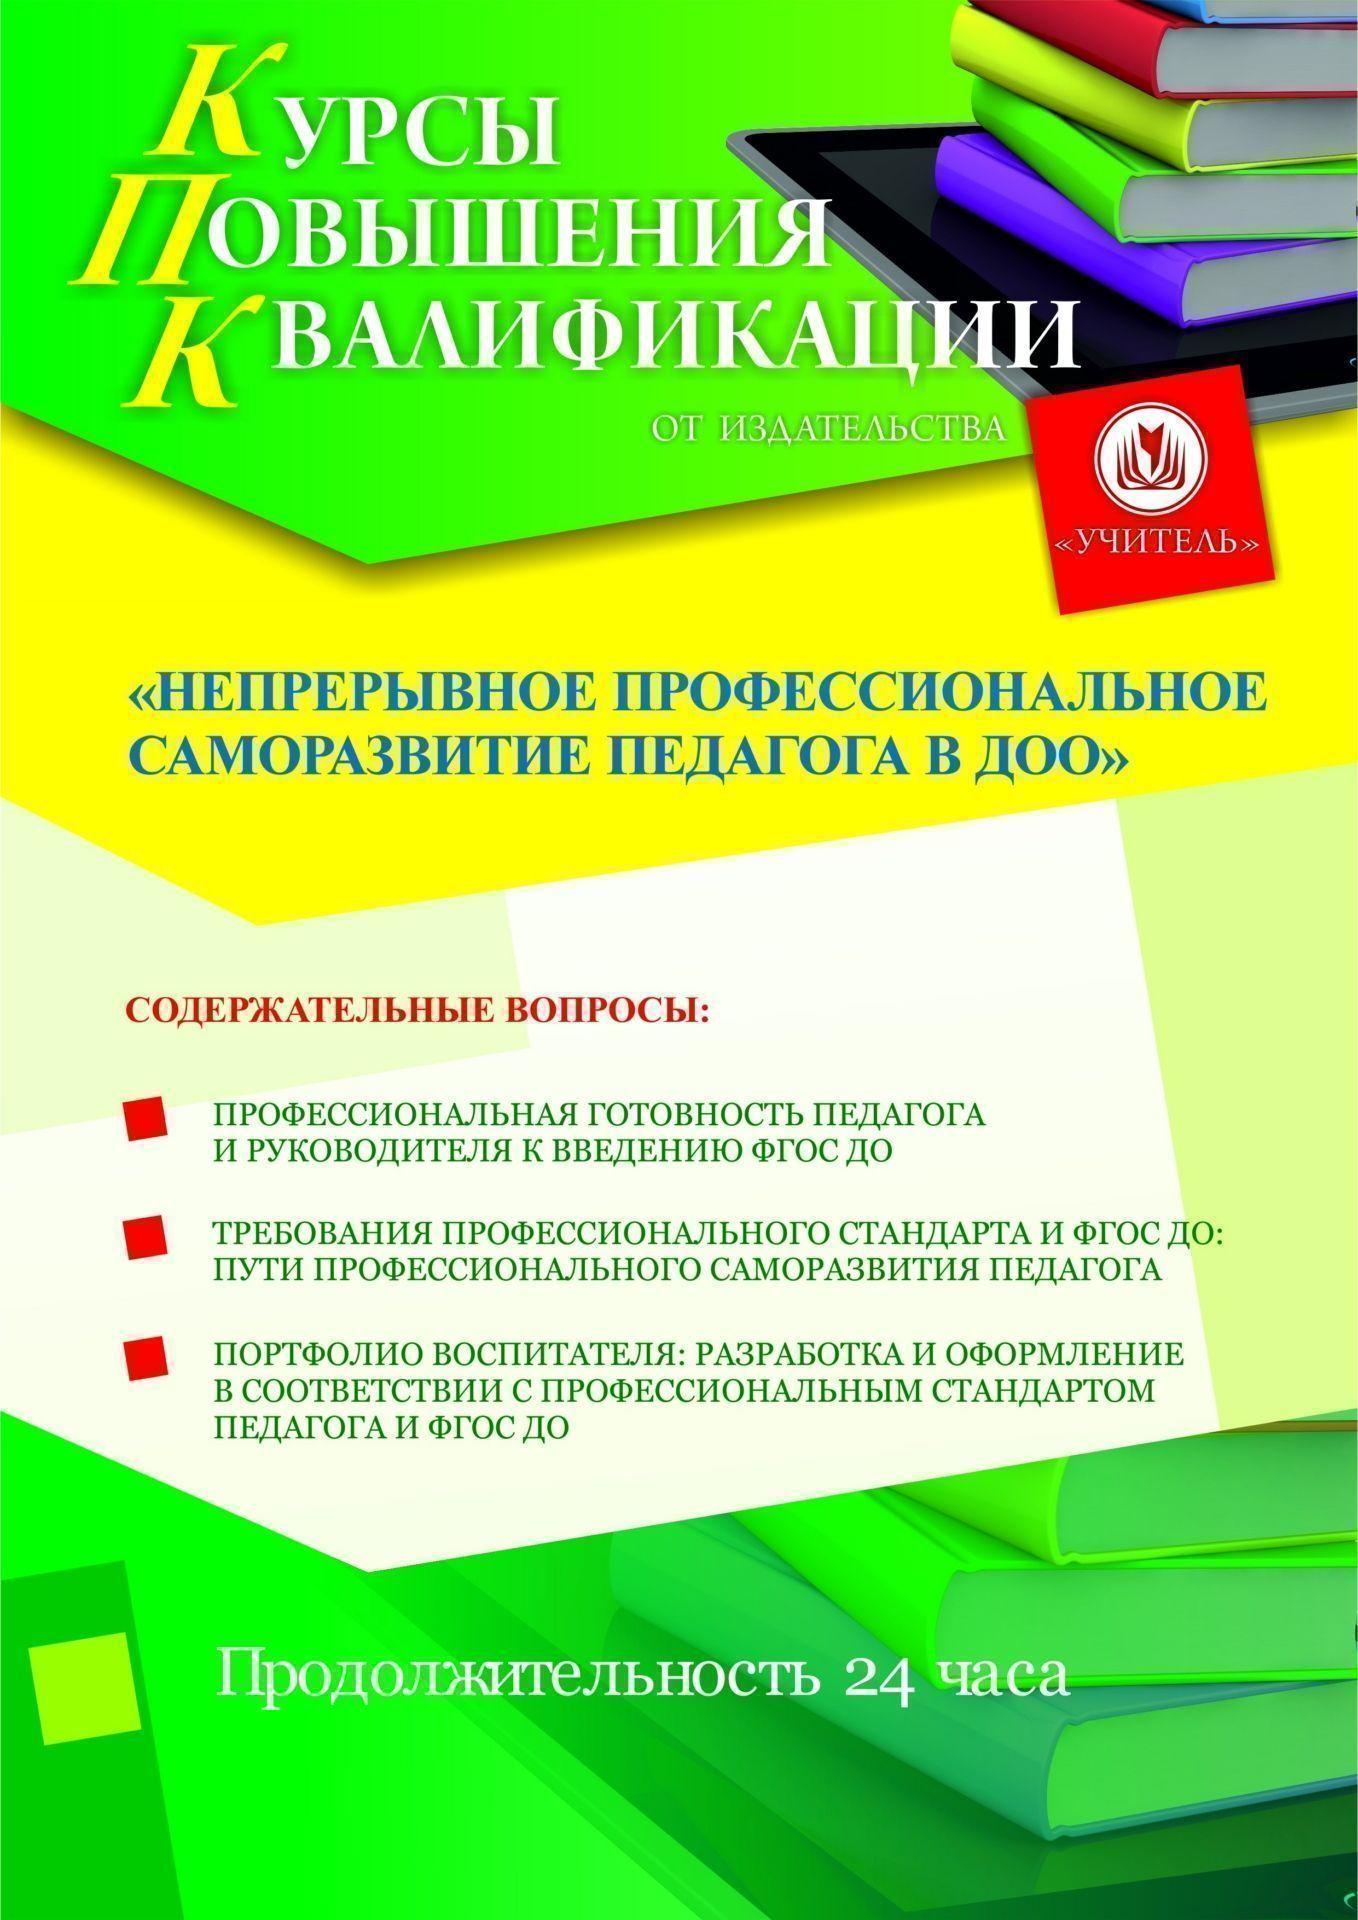 Непрерывное профессиональное саморазвитие педагога в ДОО (24 ч.) фото